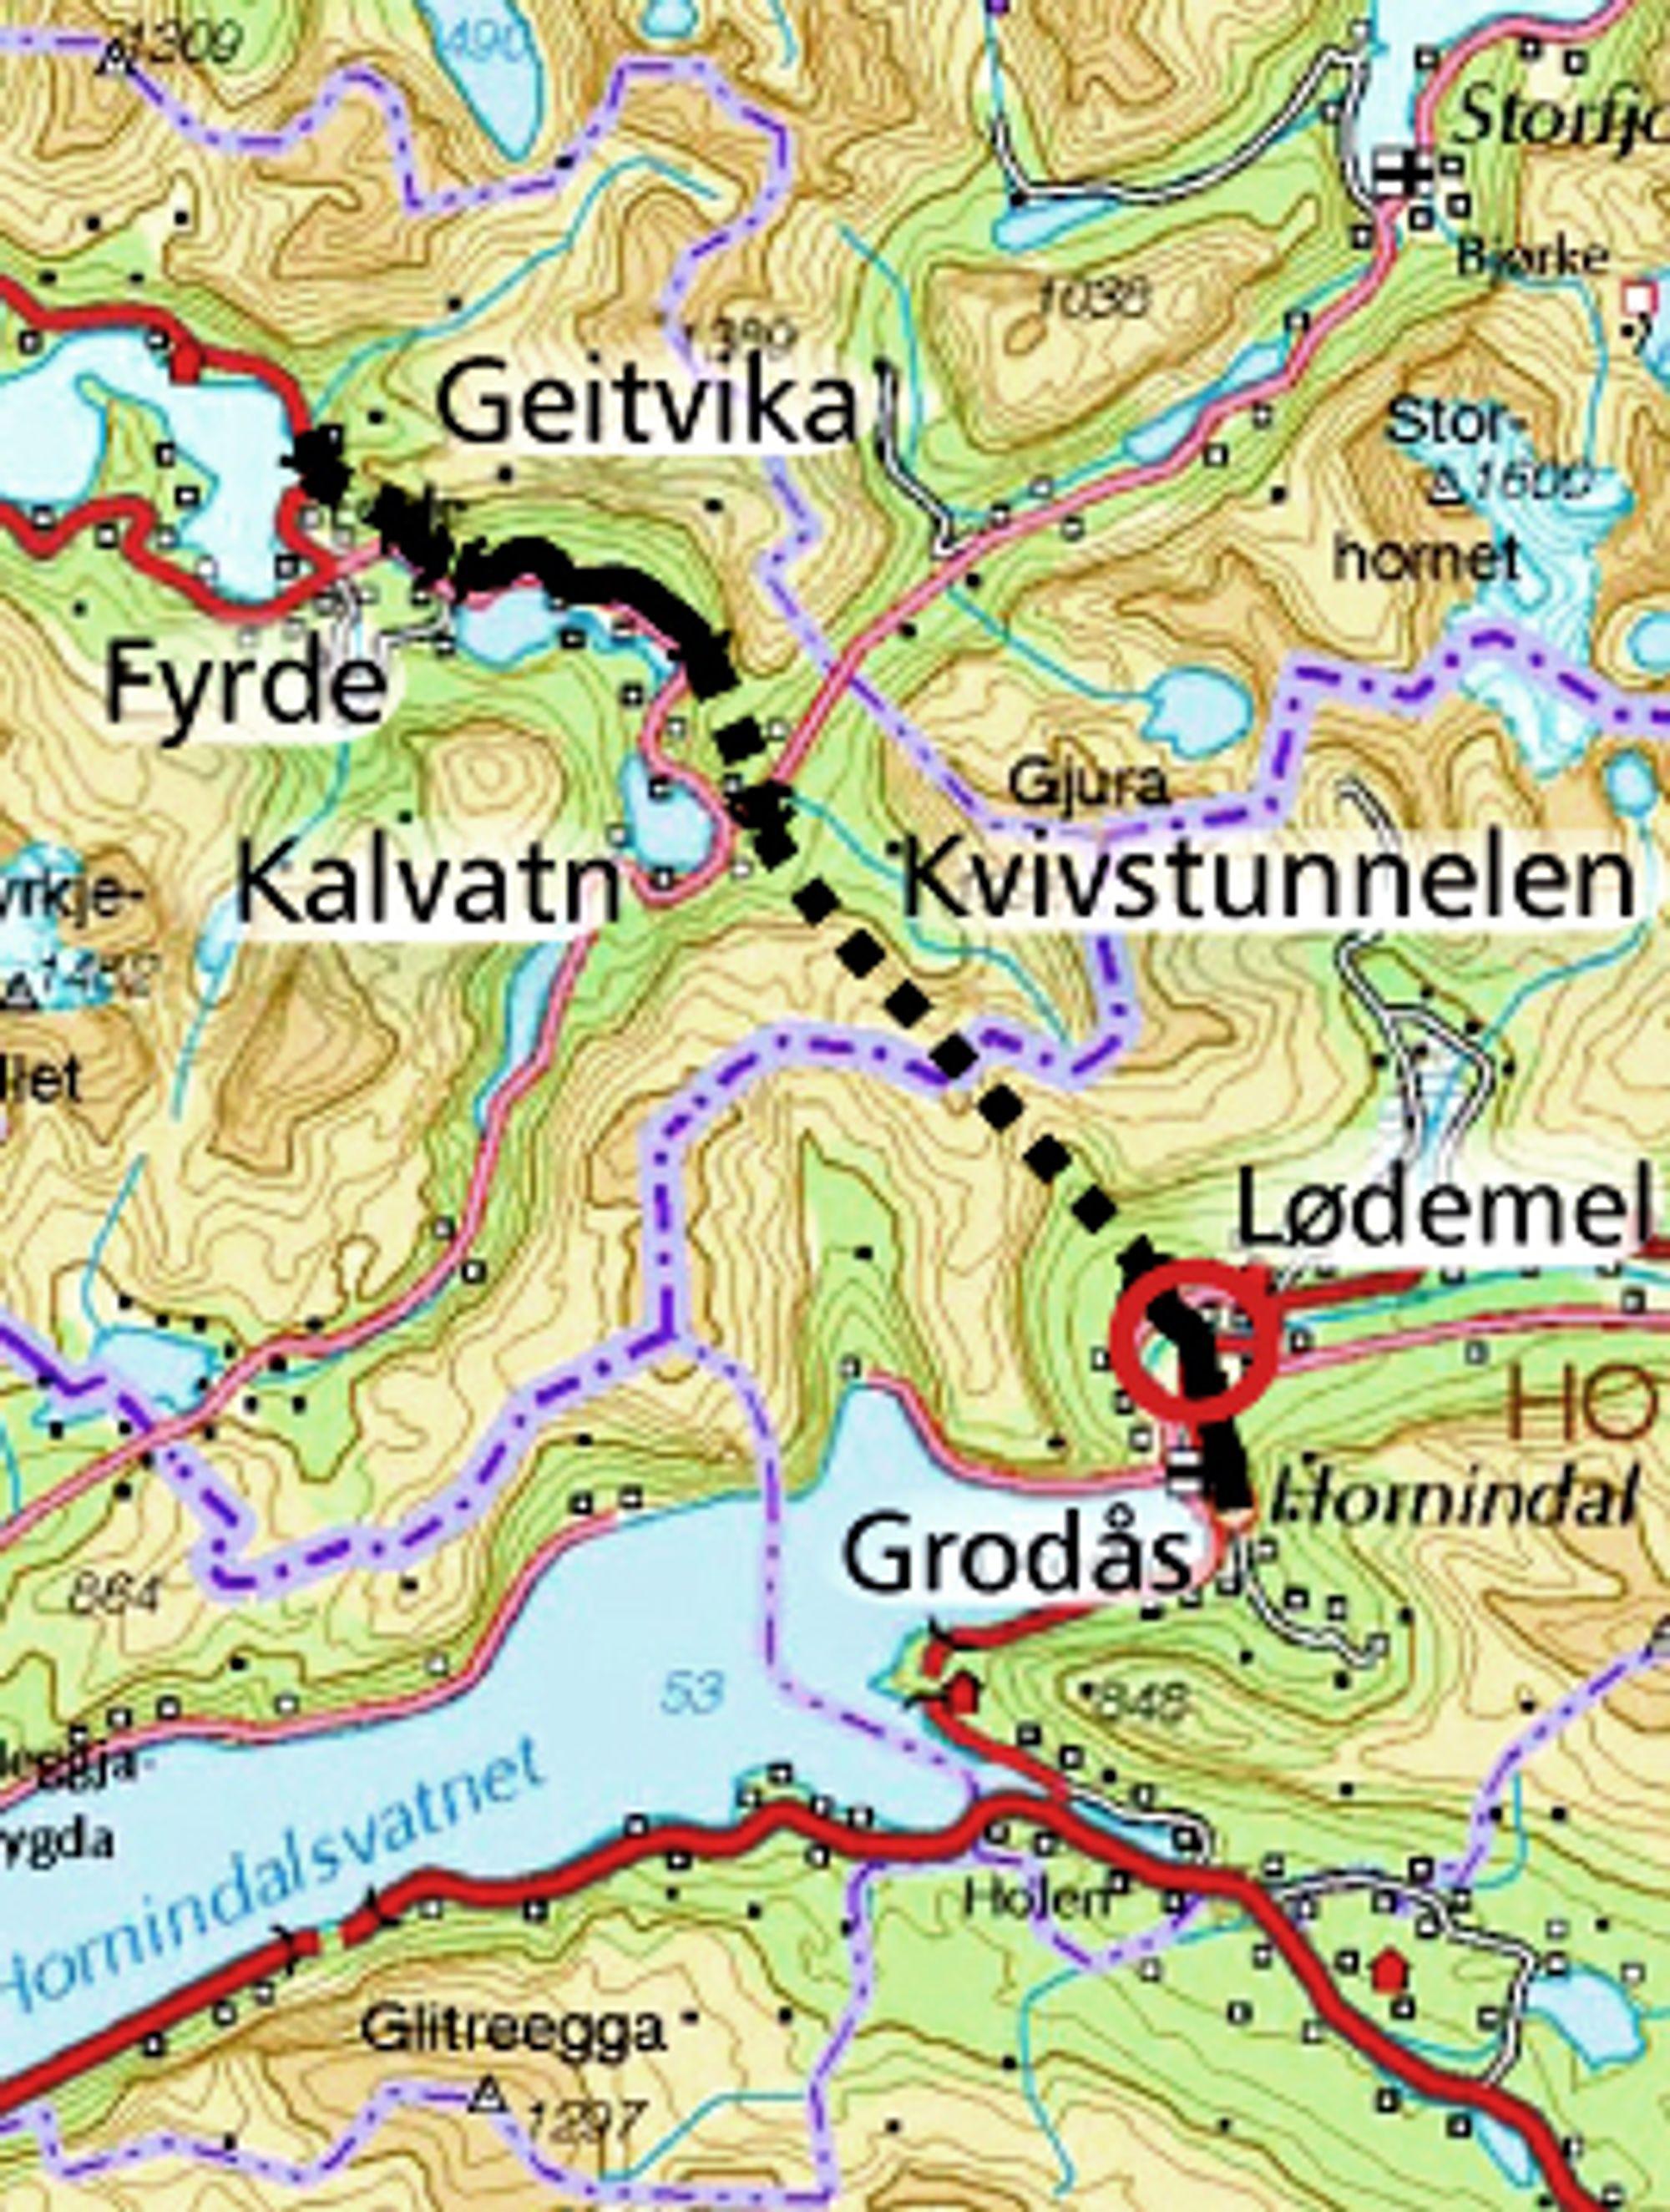 Den røde ringen nedenfor Kvivstunnelen markerer stedet der brua over Storelva skal bygges. Fristen for å gi anbud går ut 9. mars.